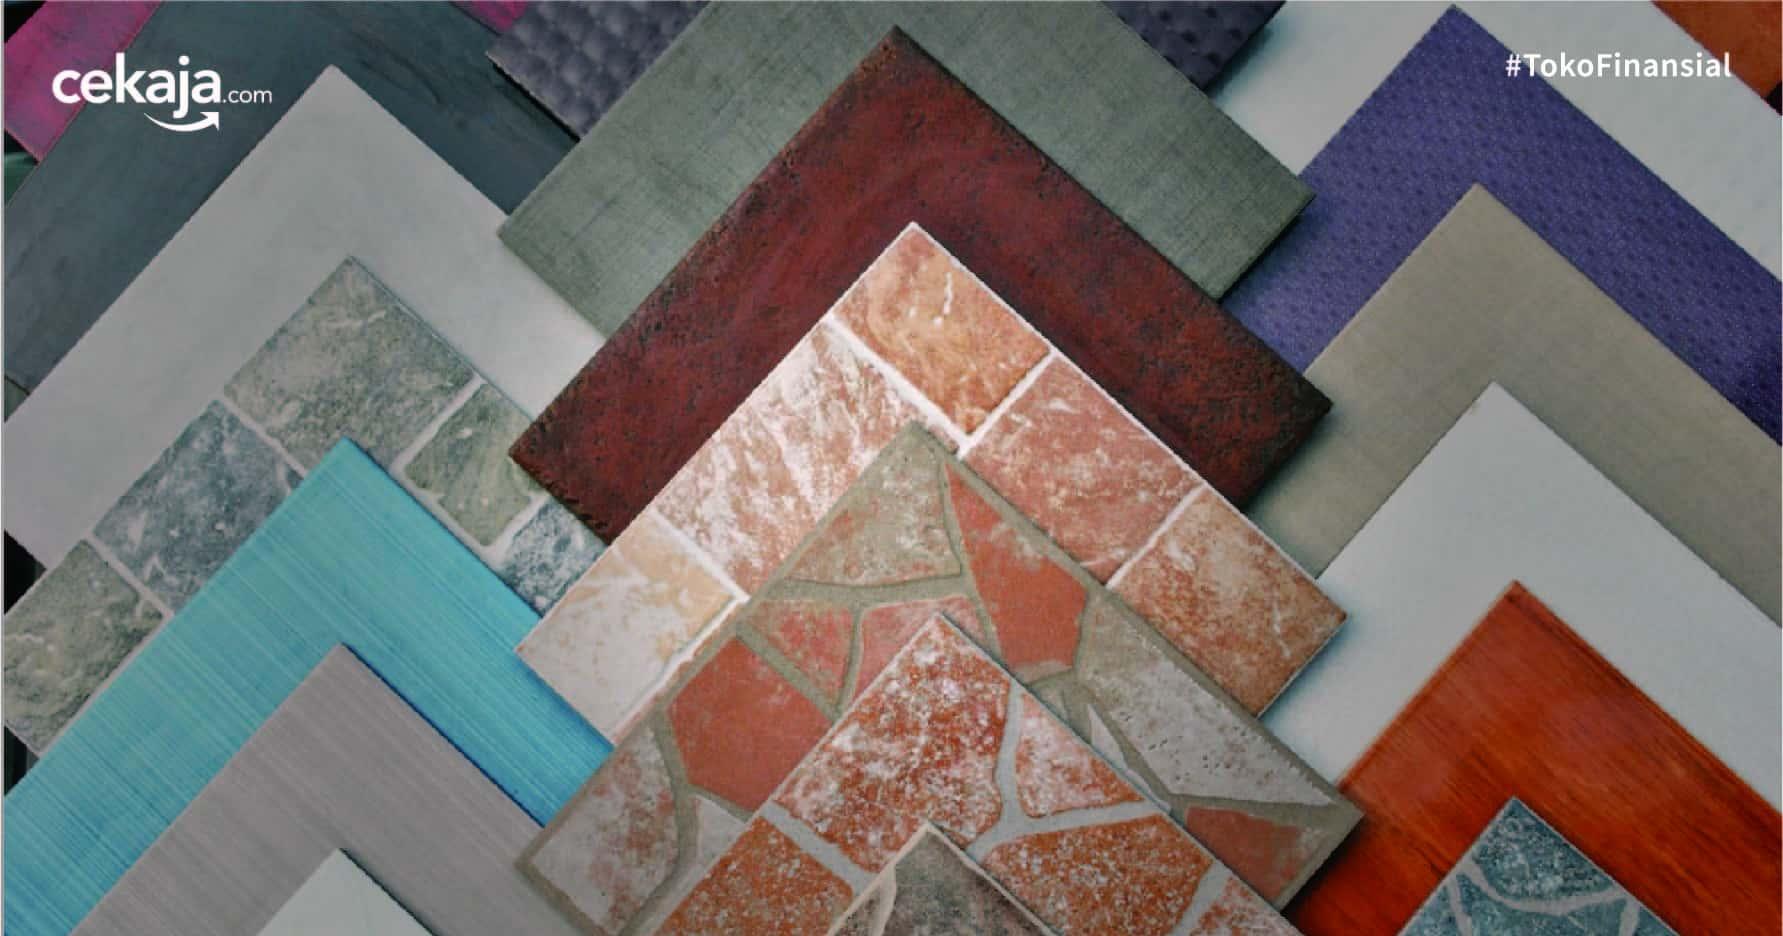 Tip Memilih Keramik Lantai Berkualitas dengan Harga Murah